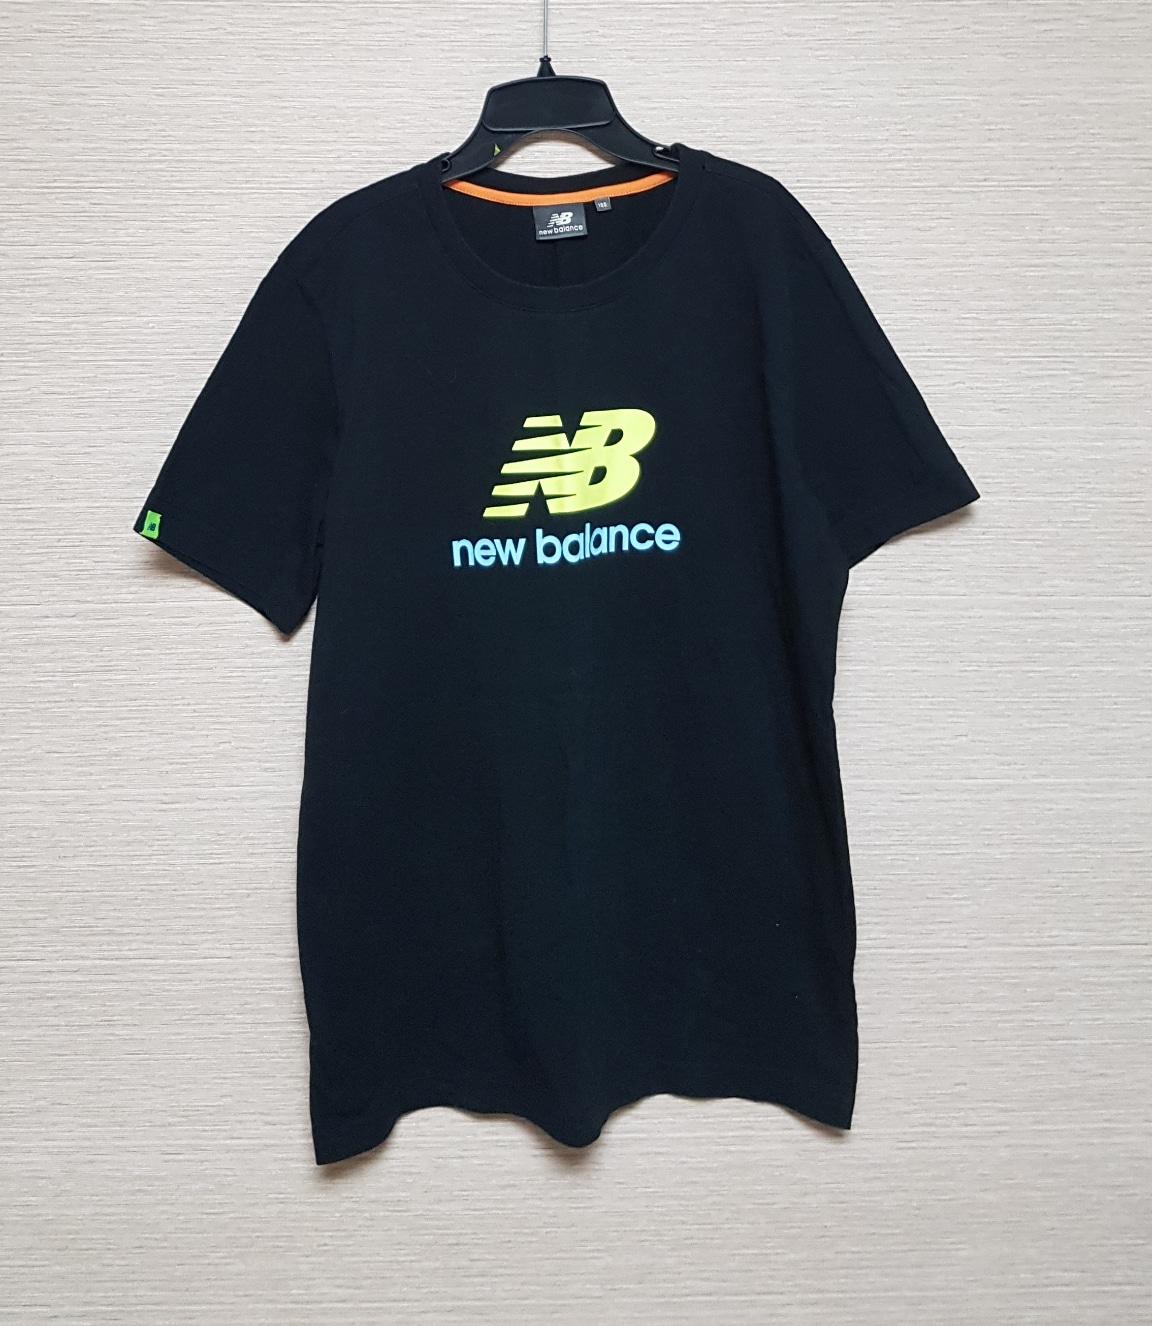 뉴발란스 티셔츠